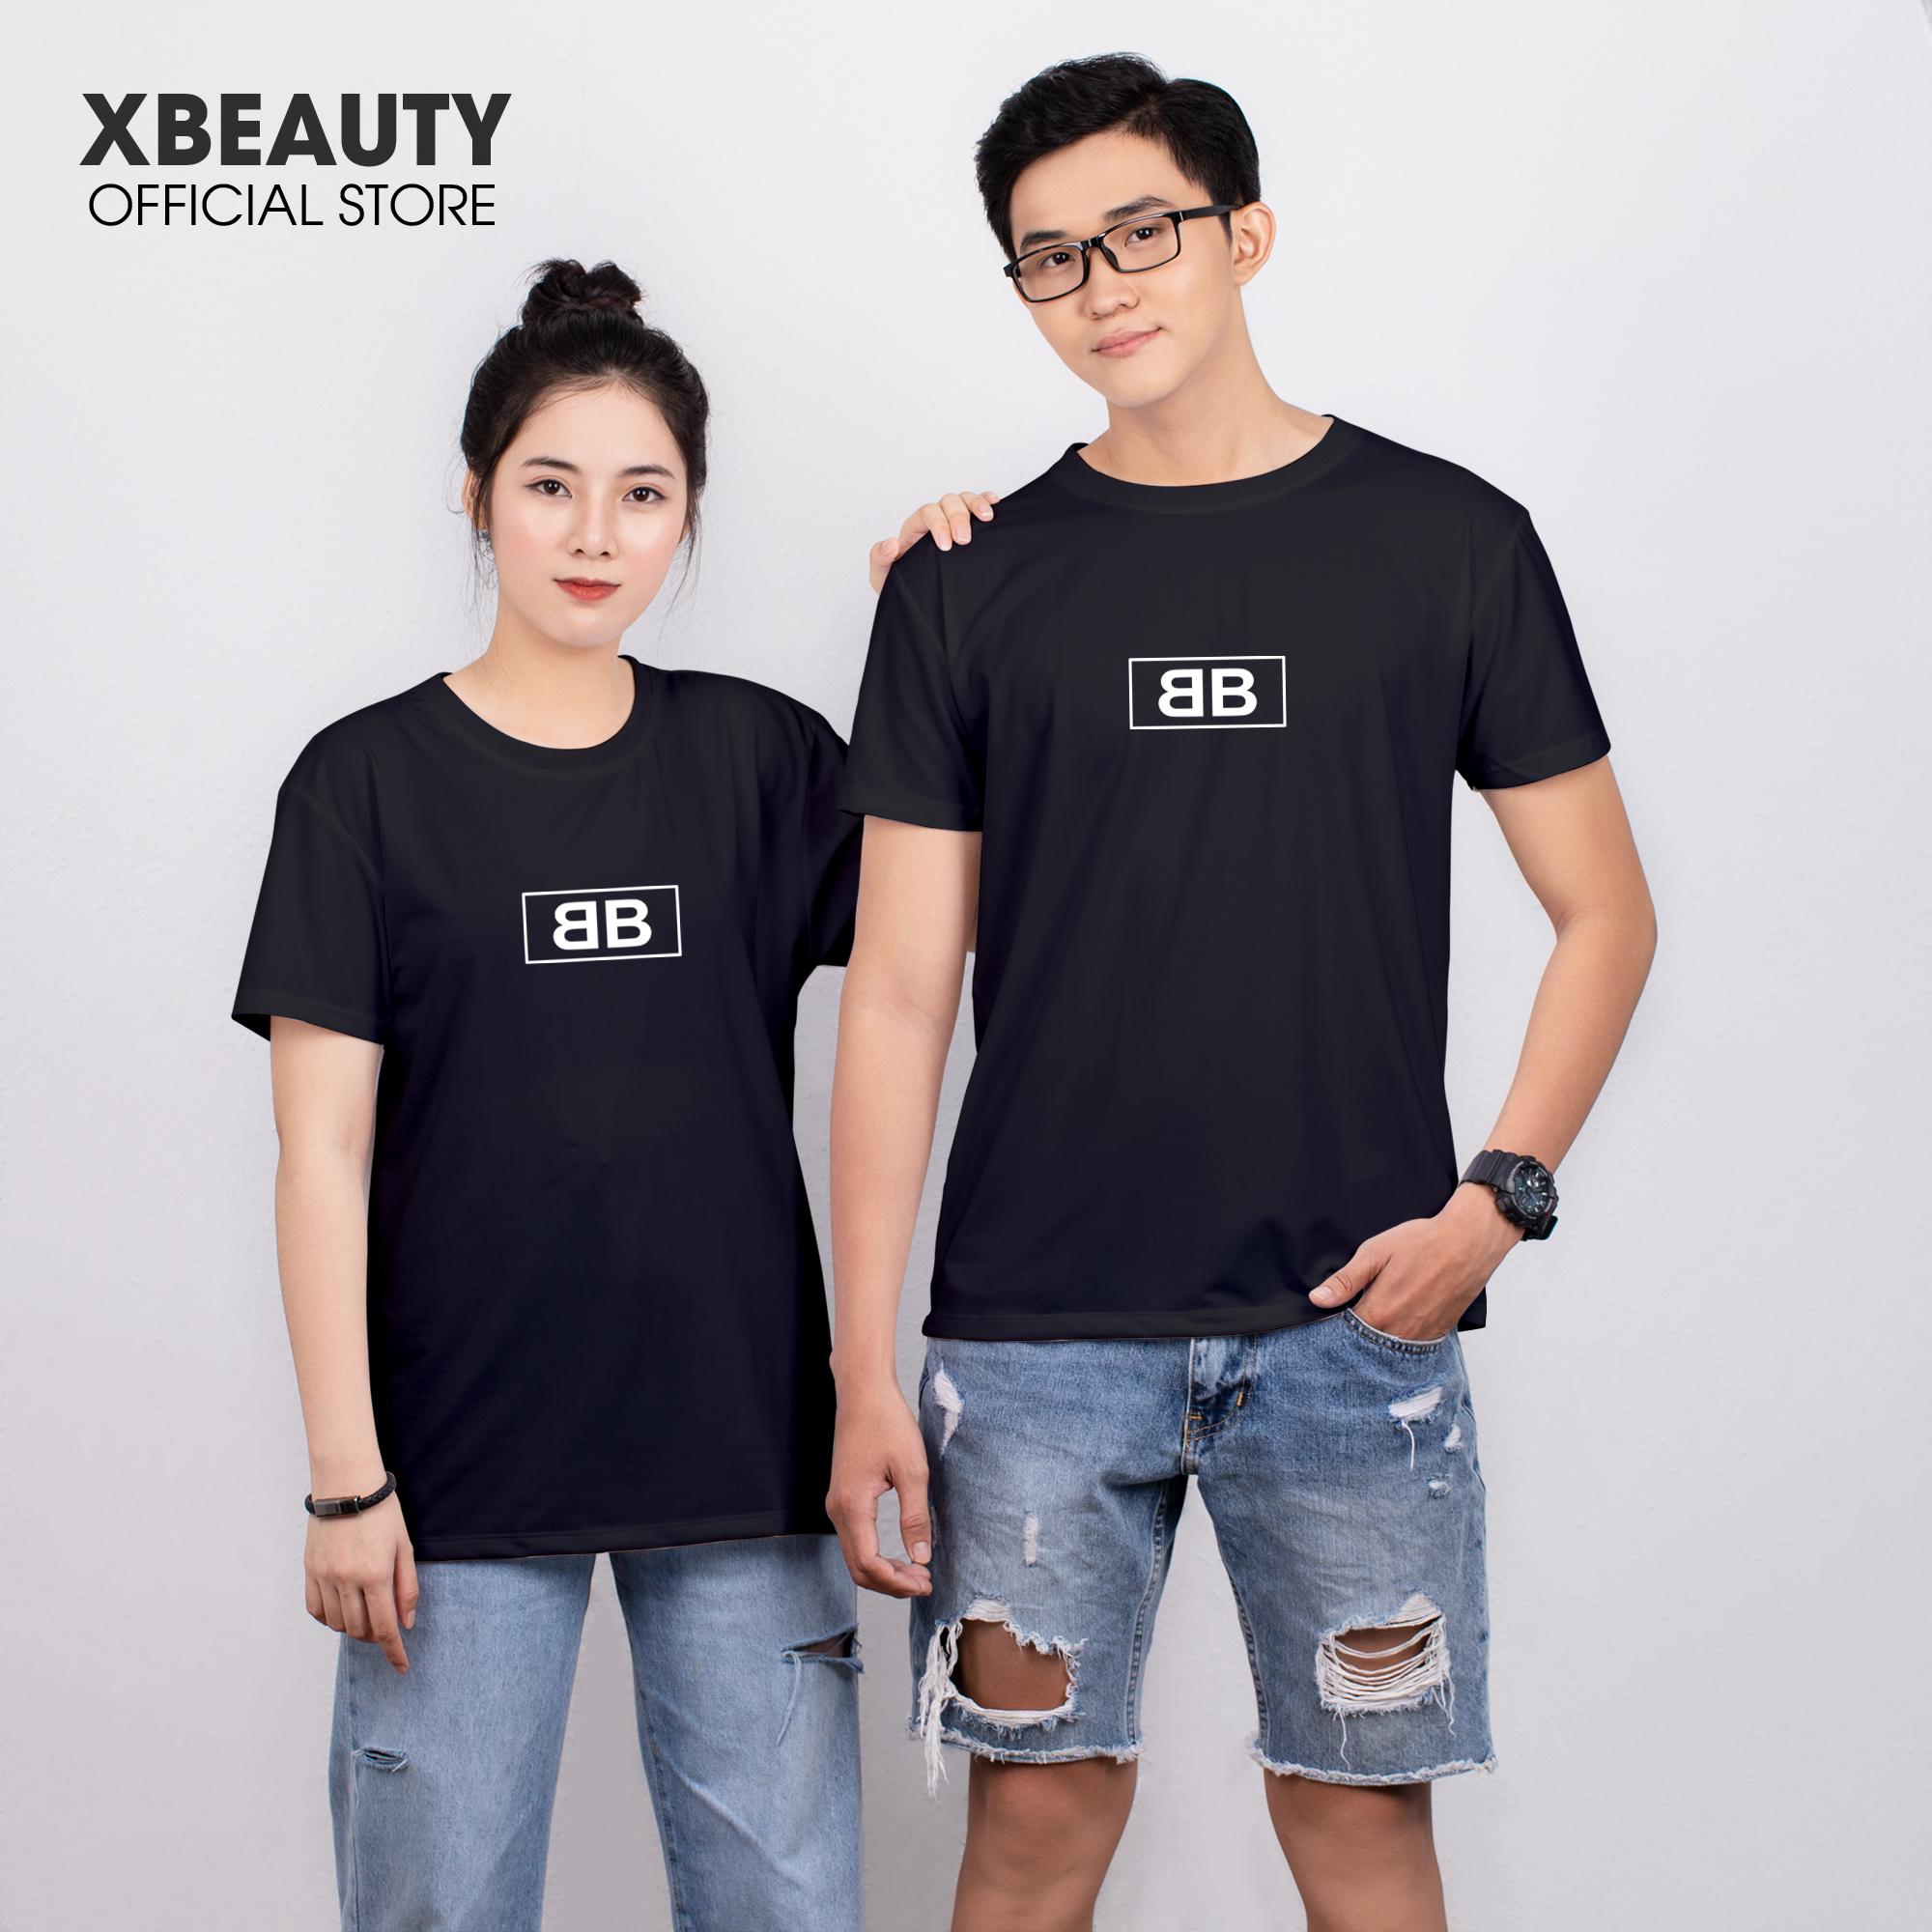 Áo thun Nữ thời trang XBeauty J07 áo phông nữ vải Cotton 100% cao cấp. Có 6 màu (Đen/Đỏ/Trắng/Vàng/Xám/Hồng/Xanh ). Áo thun thời trang Nữ cá tính sang trọng